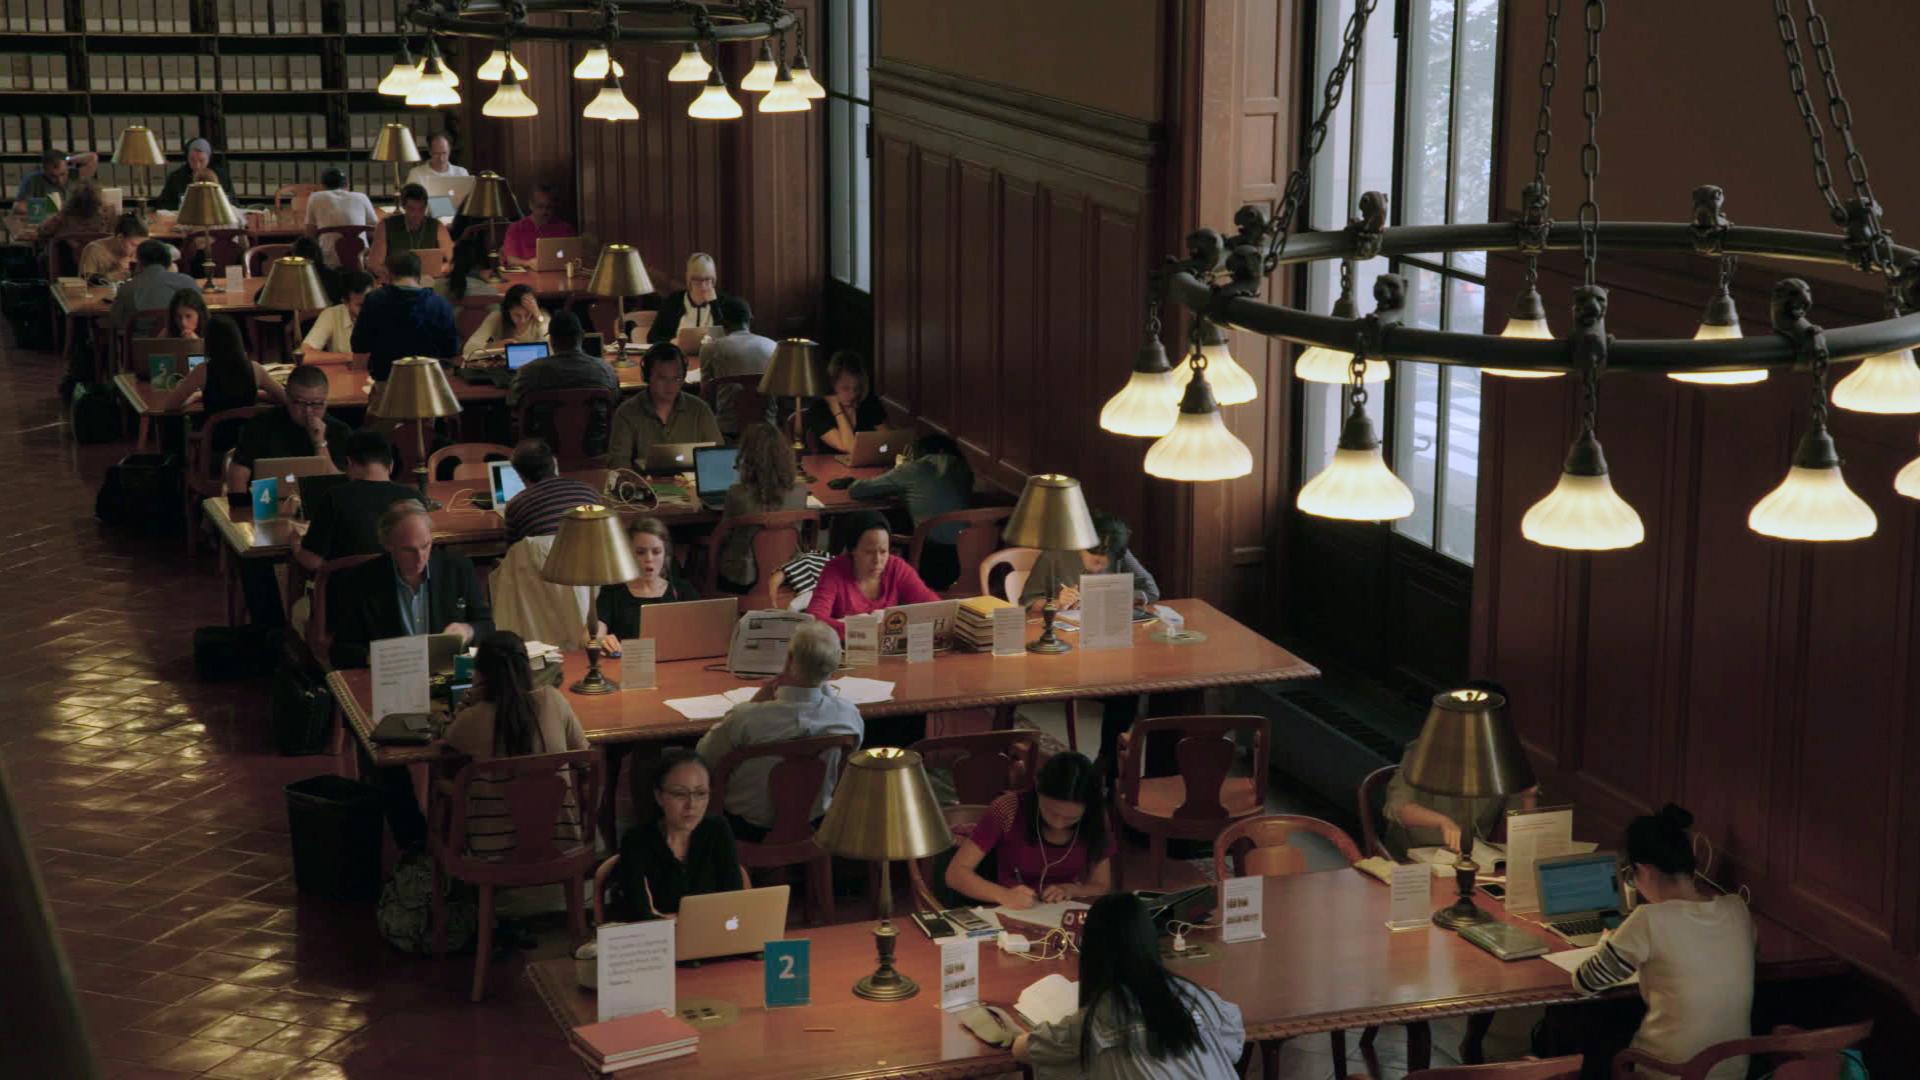 Экслибрис: Нью-Йоркская публичная библиотека смотреть фото